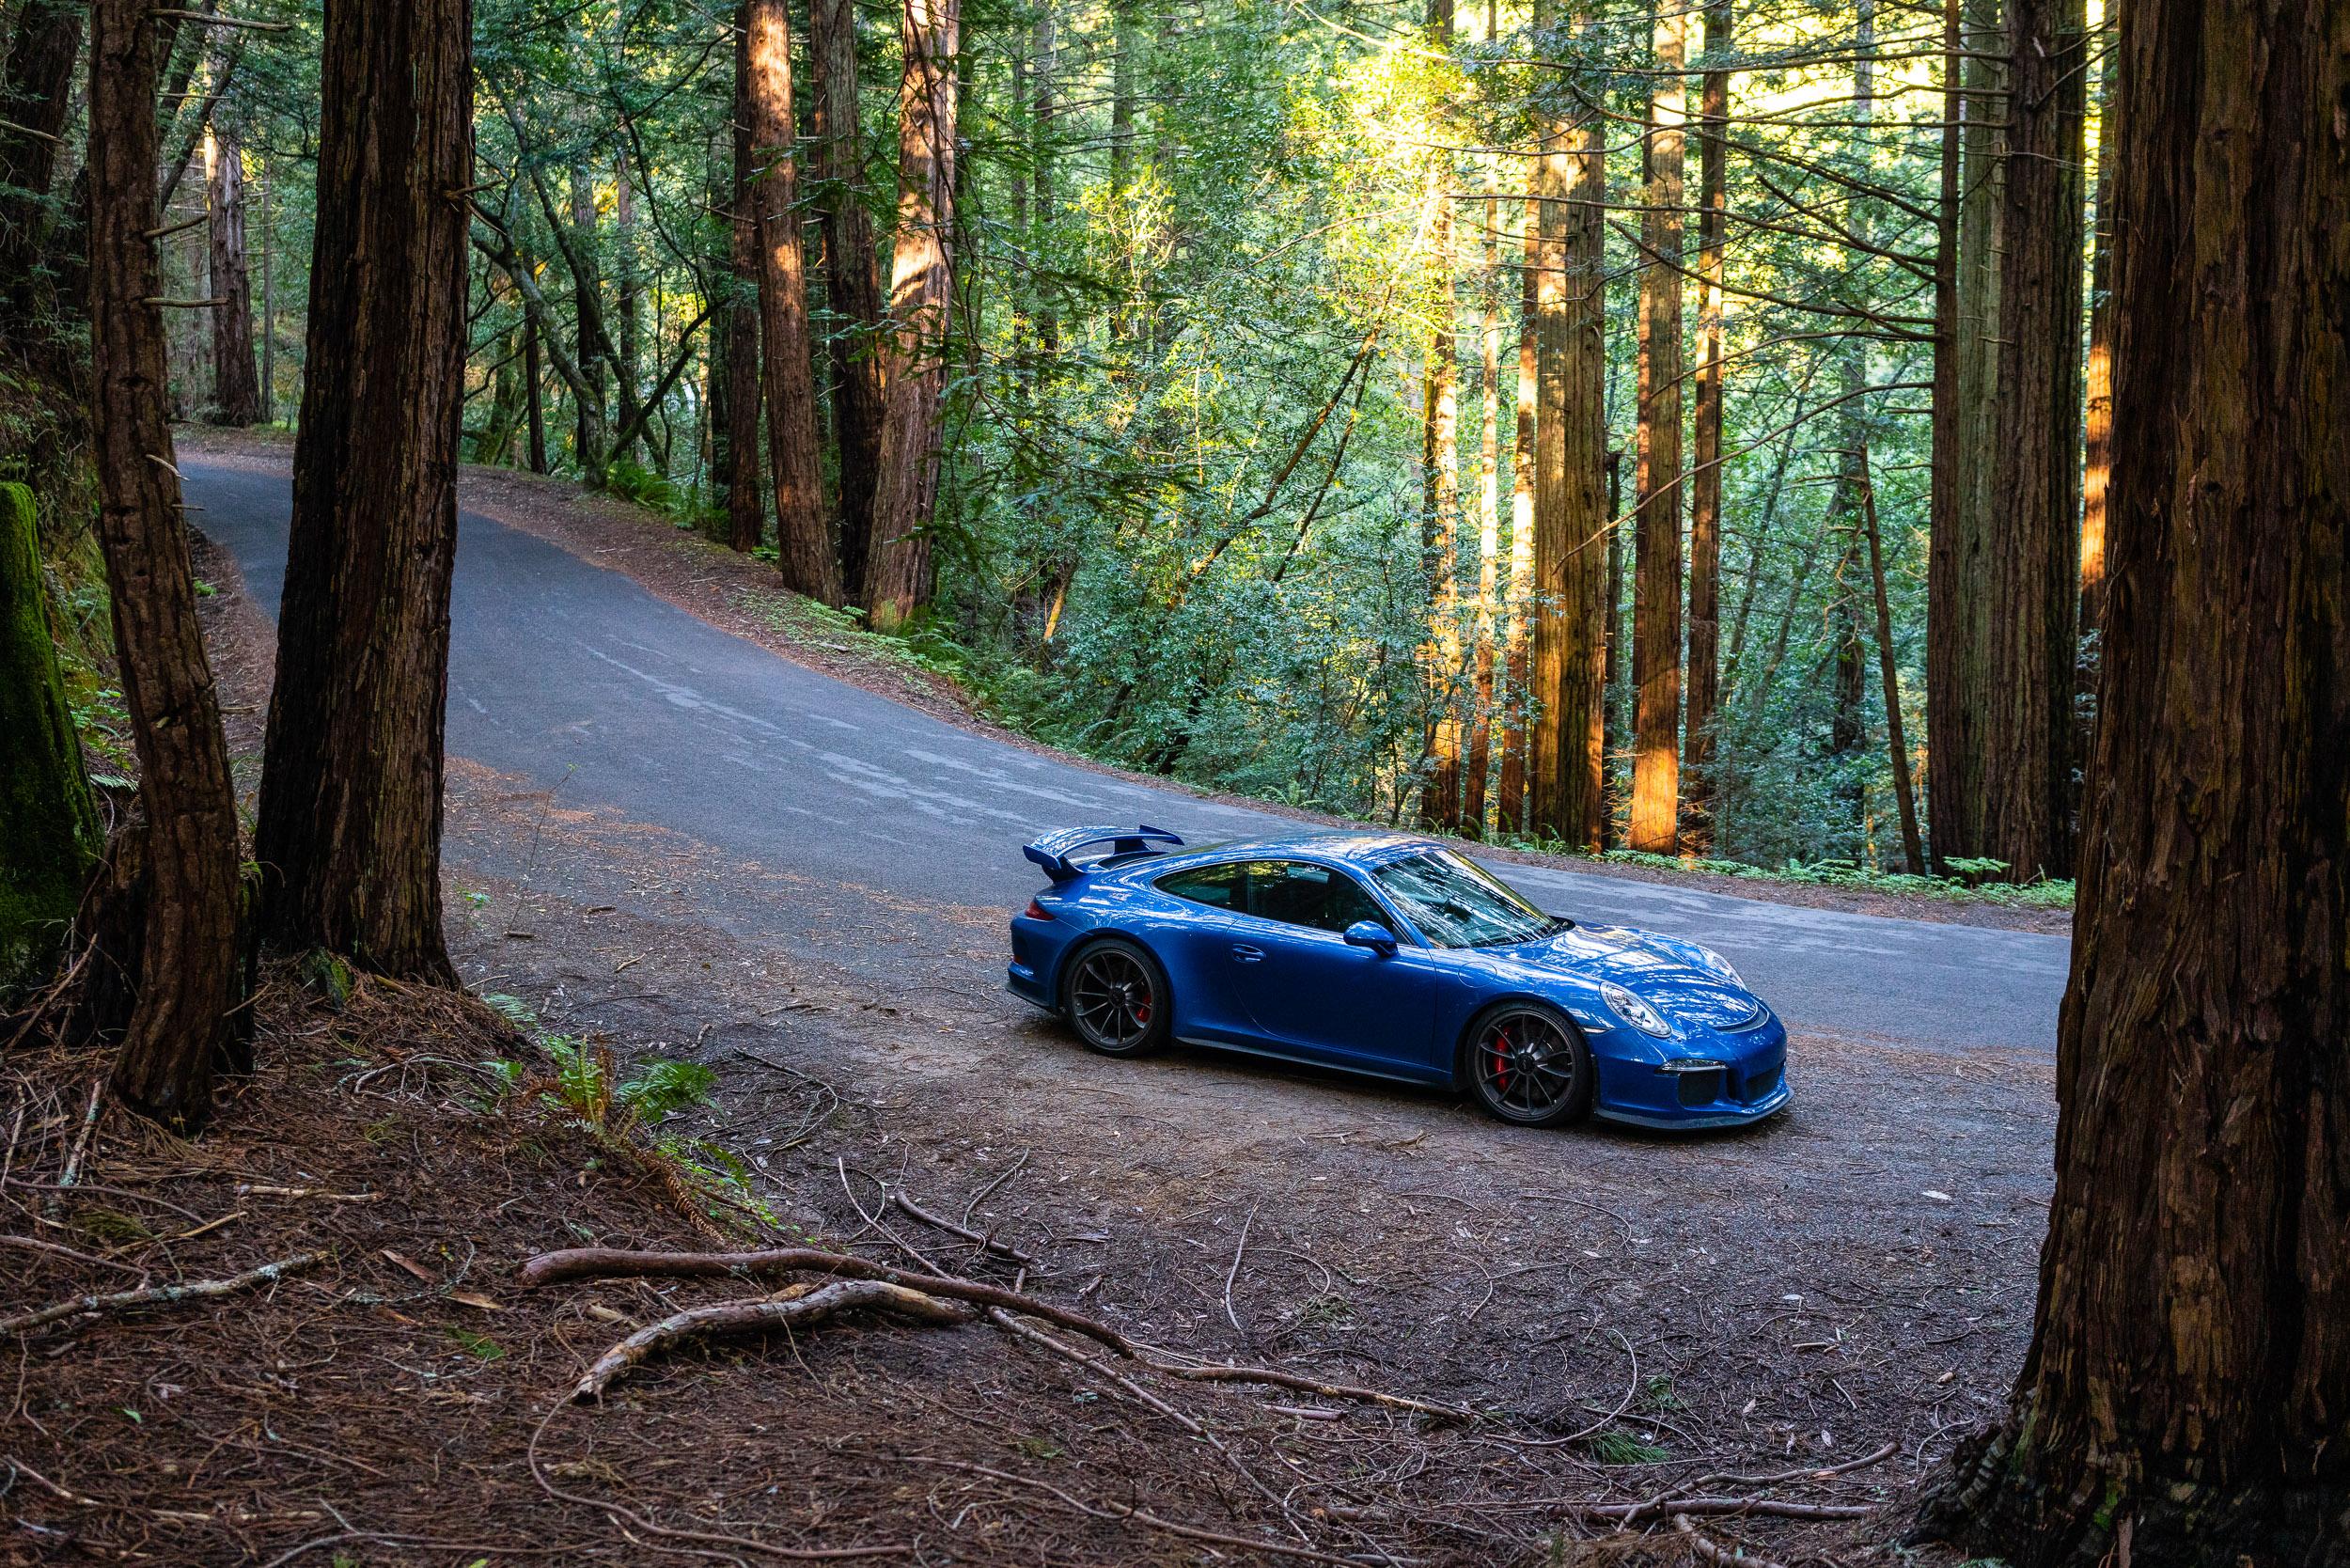 porsche-911-gt3-alpine-road-forest.jpg